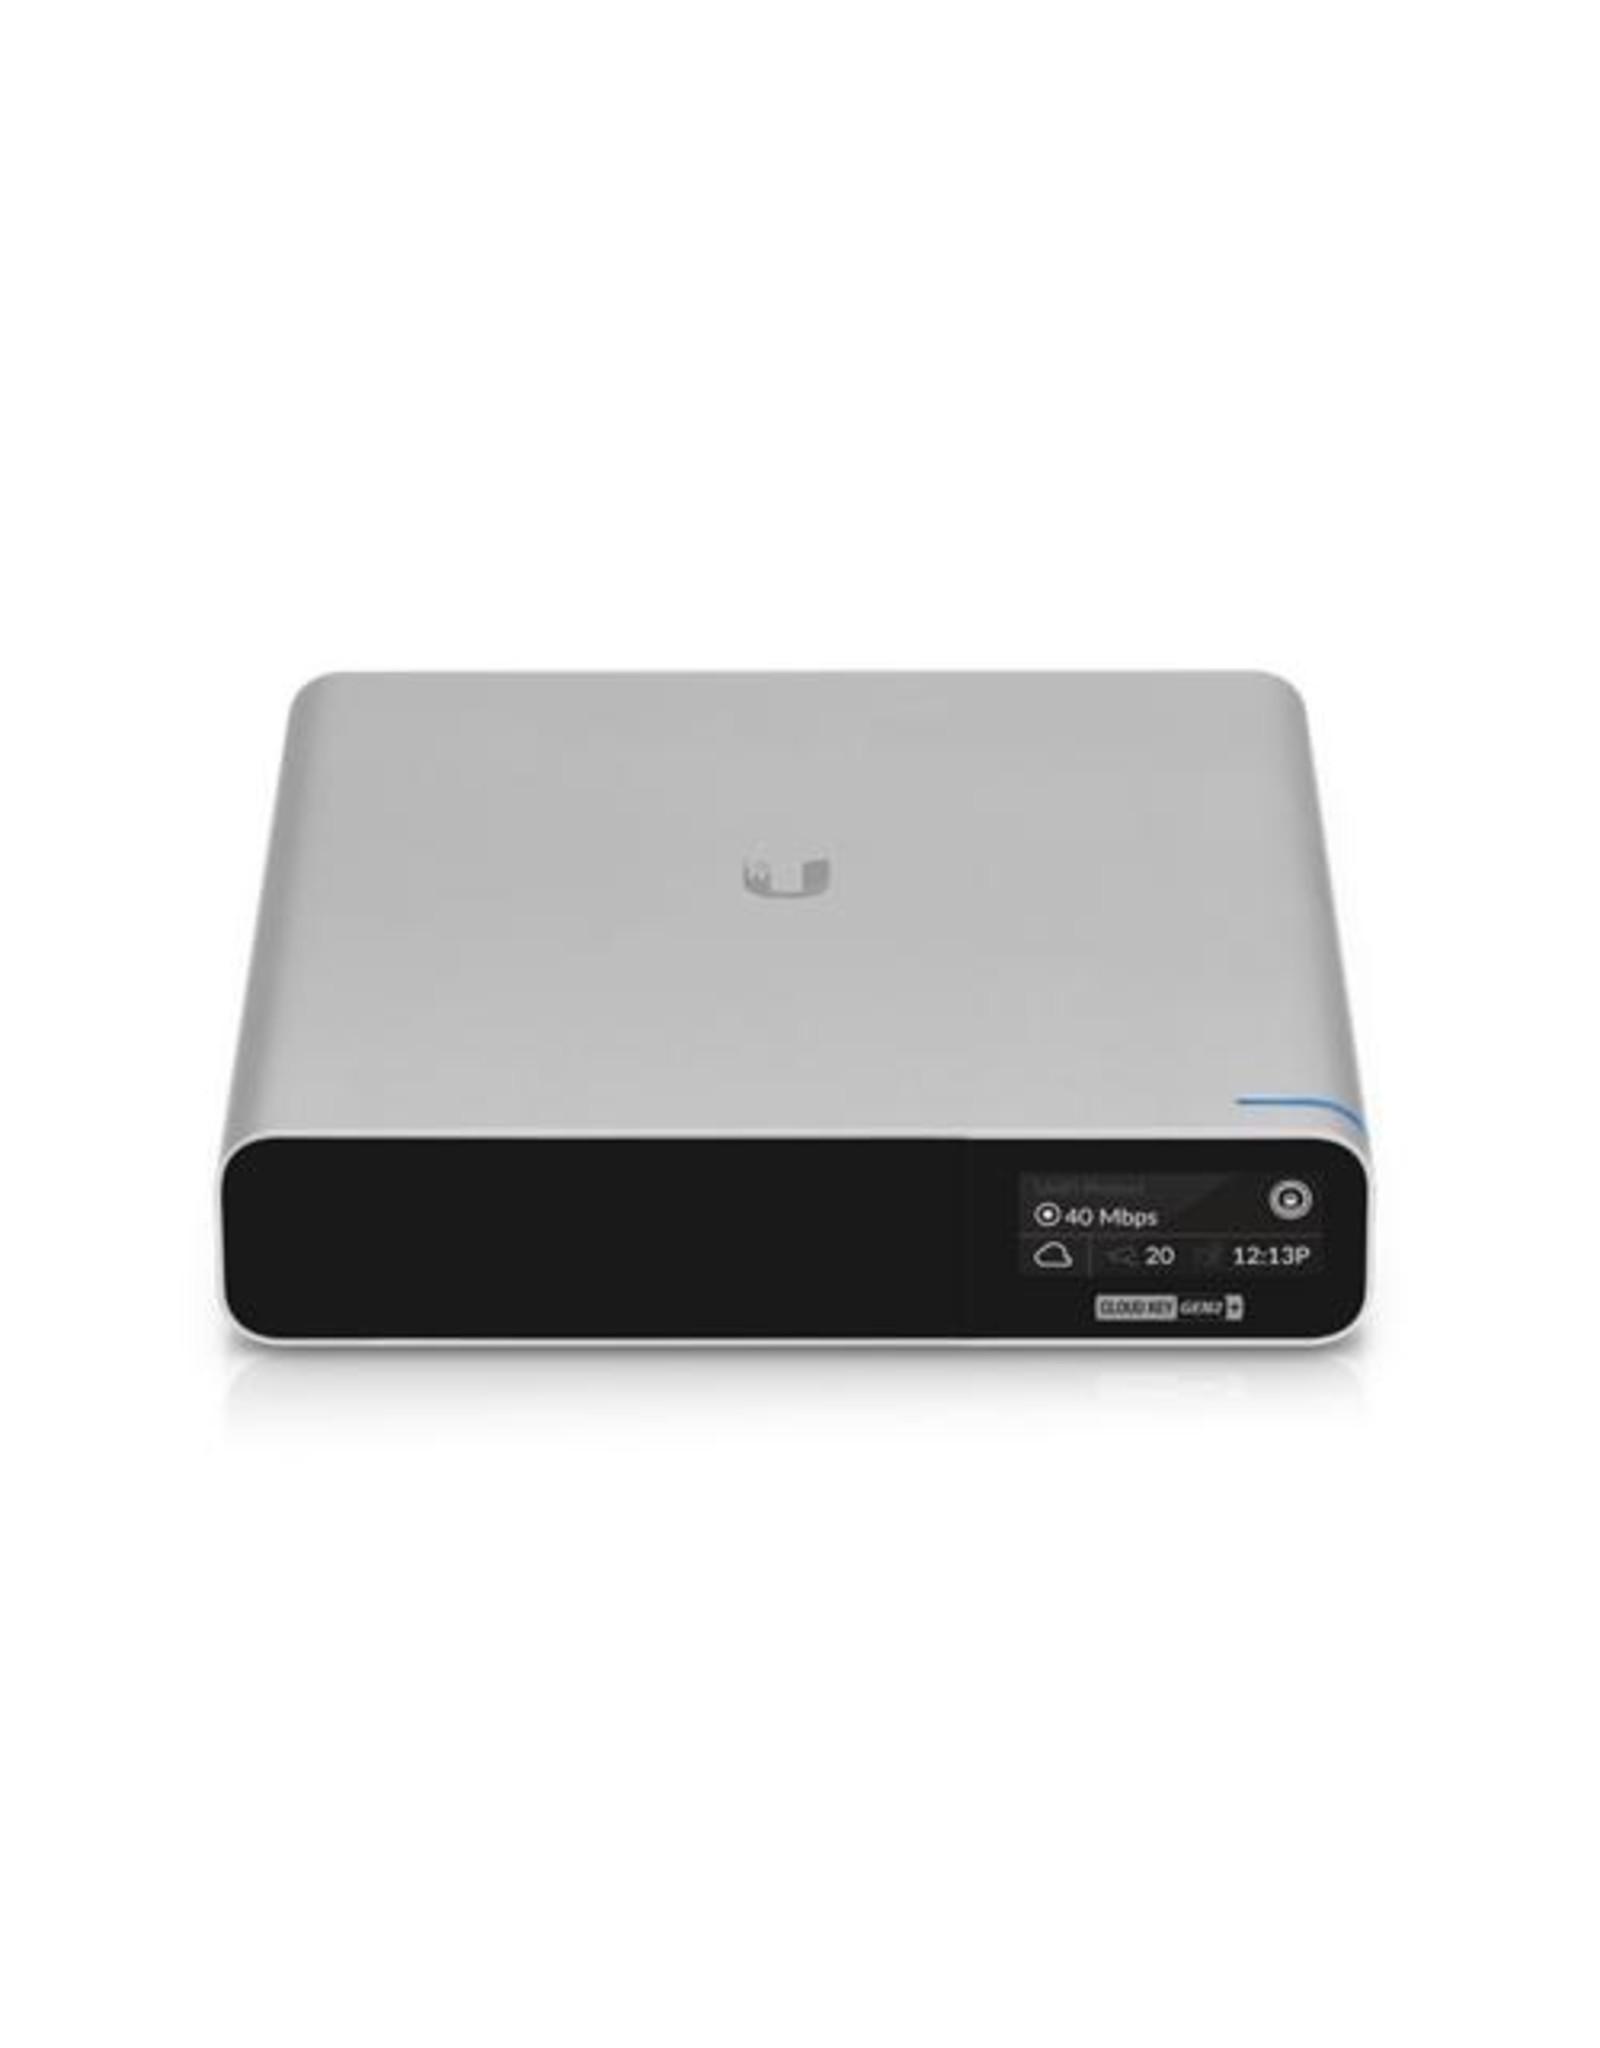 Ubiquiti Networks UniFi Cloud Key Gen2 Plus Gigabit Ethernet